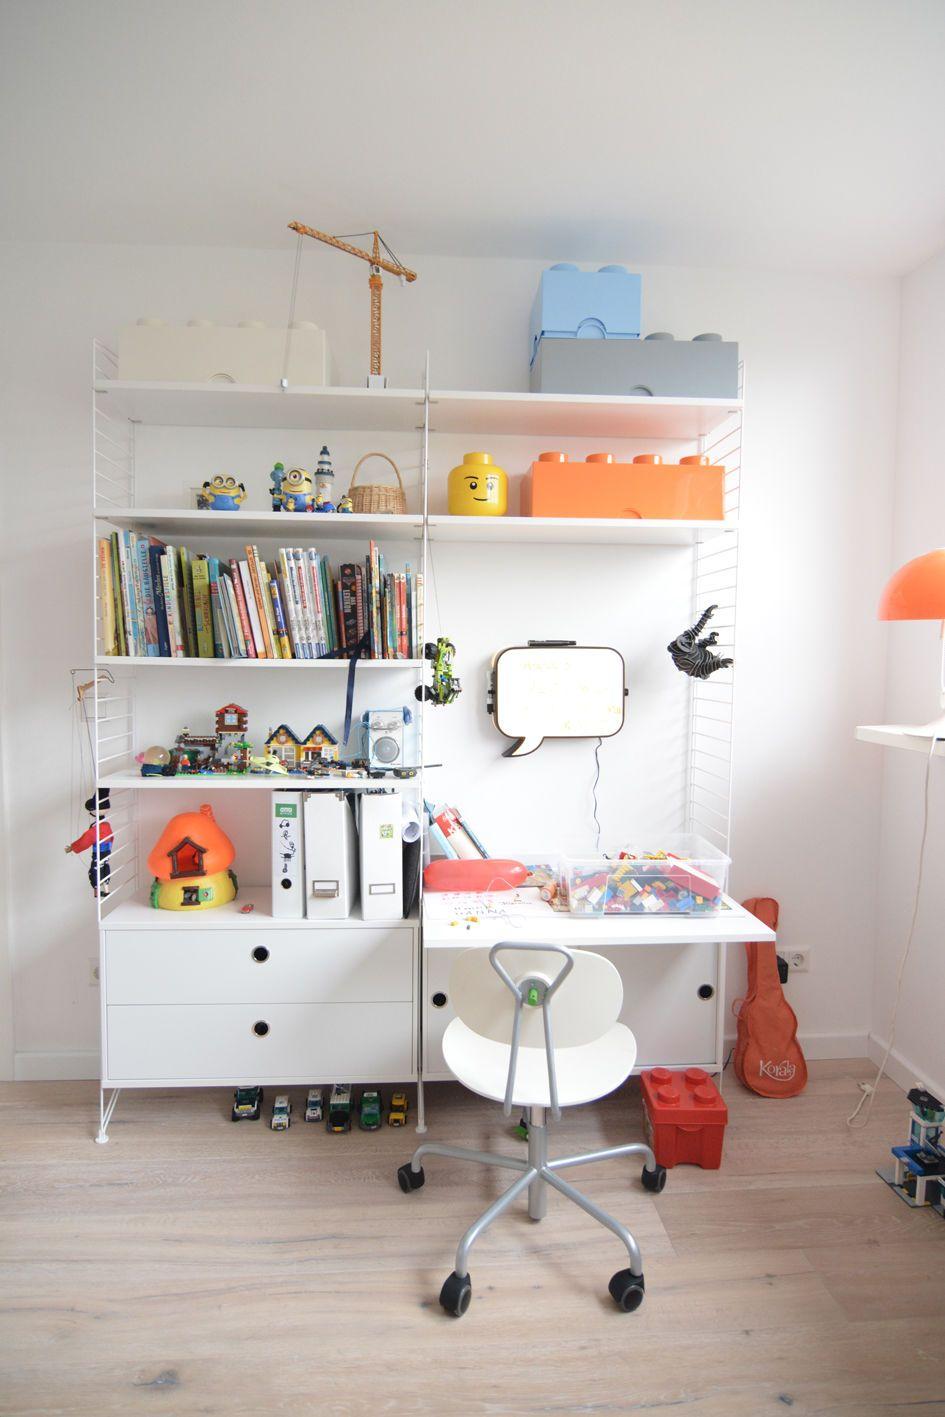 Full Size of Kinderzimmer Aufbewahrung Ideen Aufbewahrungskorb Blau Regal Ikea Spielzeug Gebraucht Grau Aufbewahrungsregal Mint Gross Aufbewahrungsboxen Aufbewahrungsbox Fr Kinderzimmer Kinderzimmer Aufbewahrung